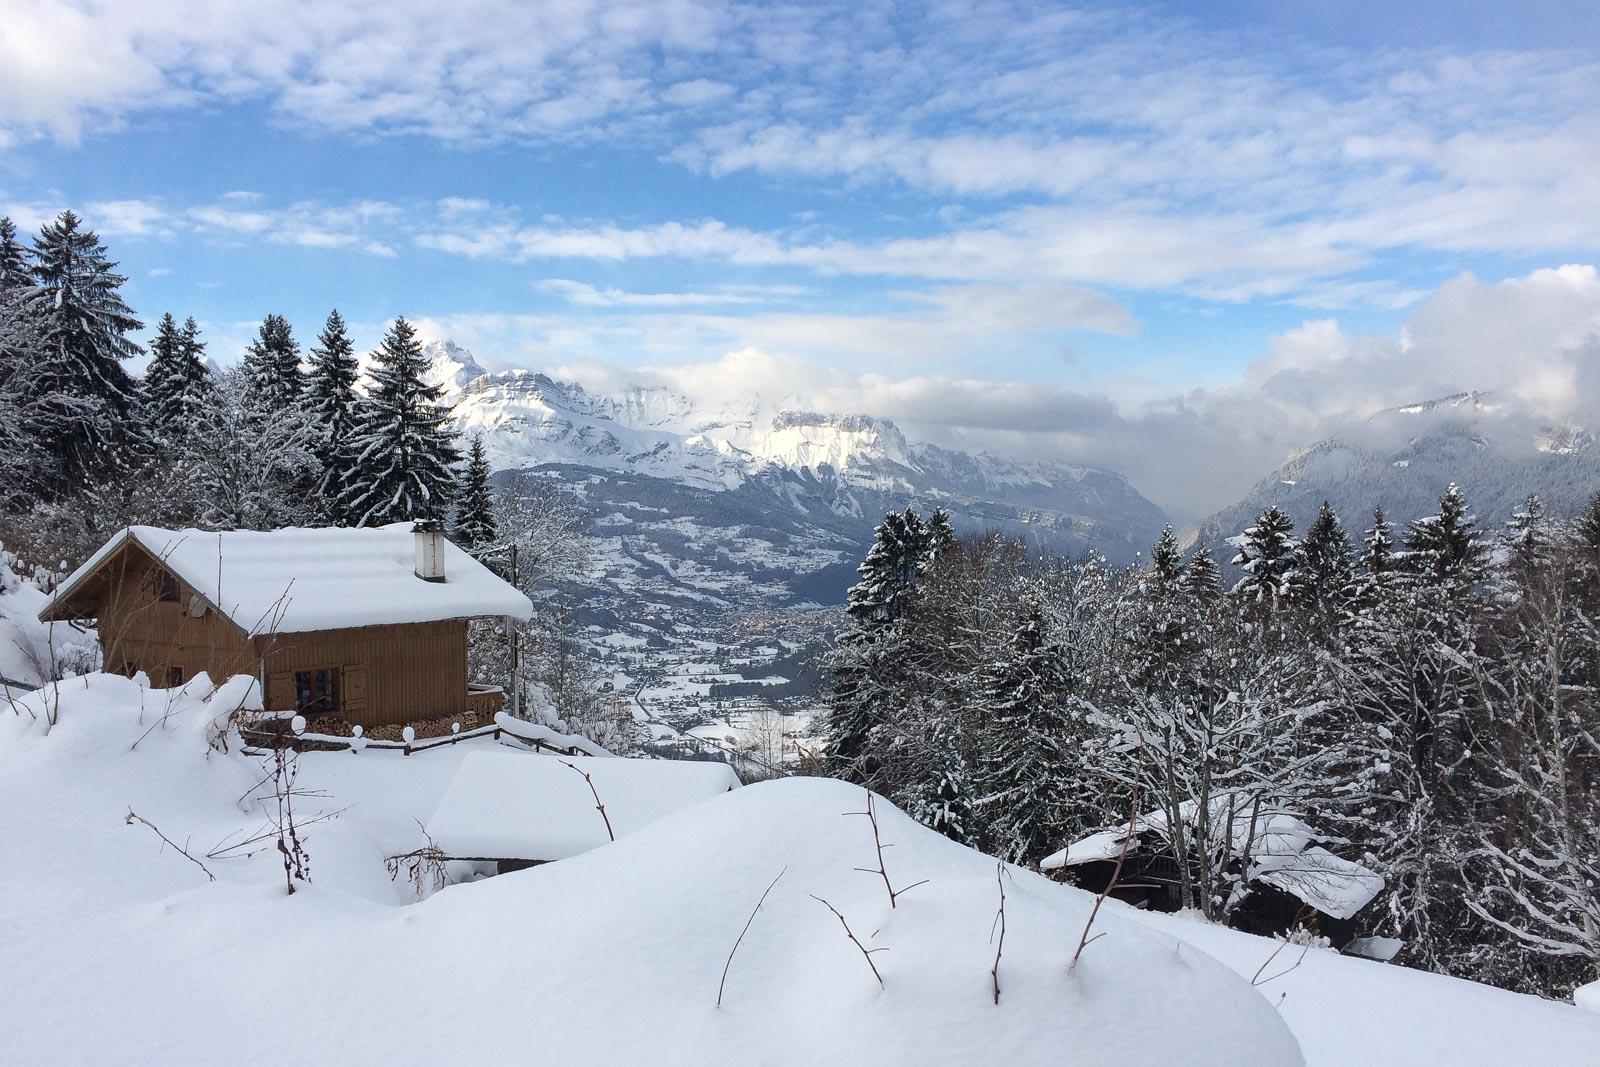 Bei unserer Wanderung von Le Bettex nach Saint Gervais durch den Schnee, konnten wir unter anderem diesen Ausblick genießen.